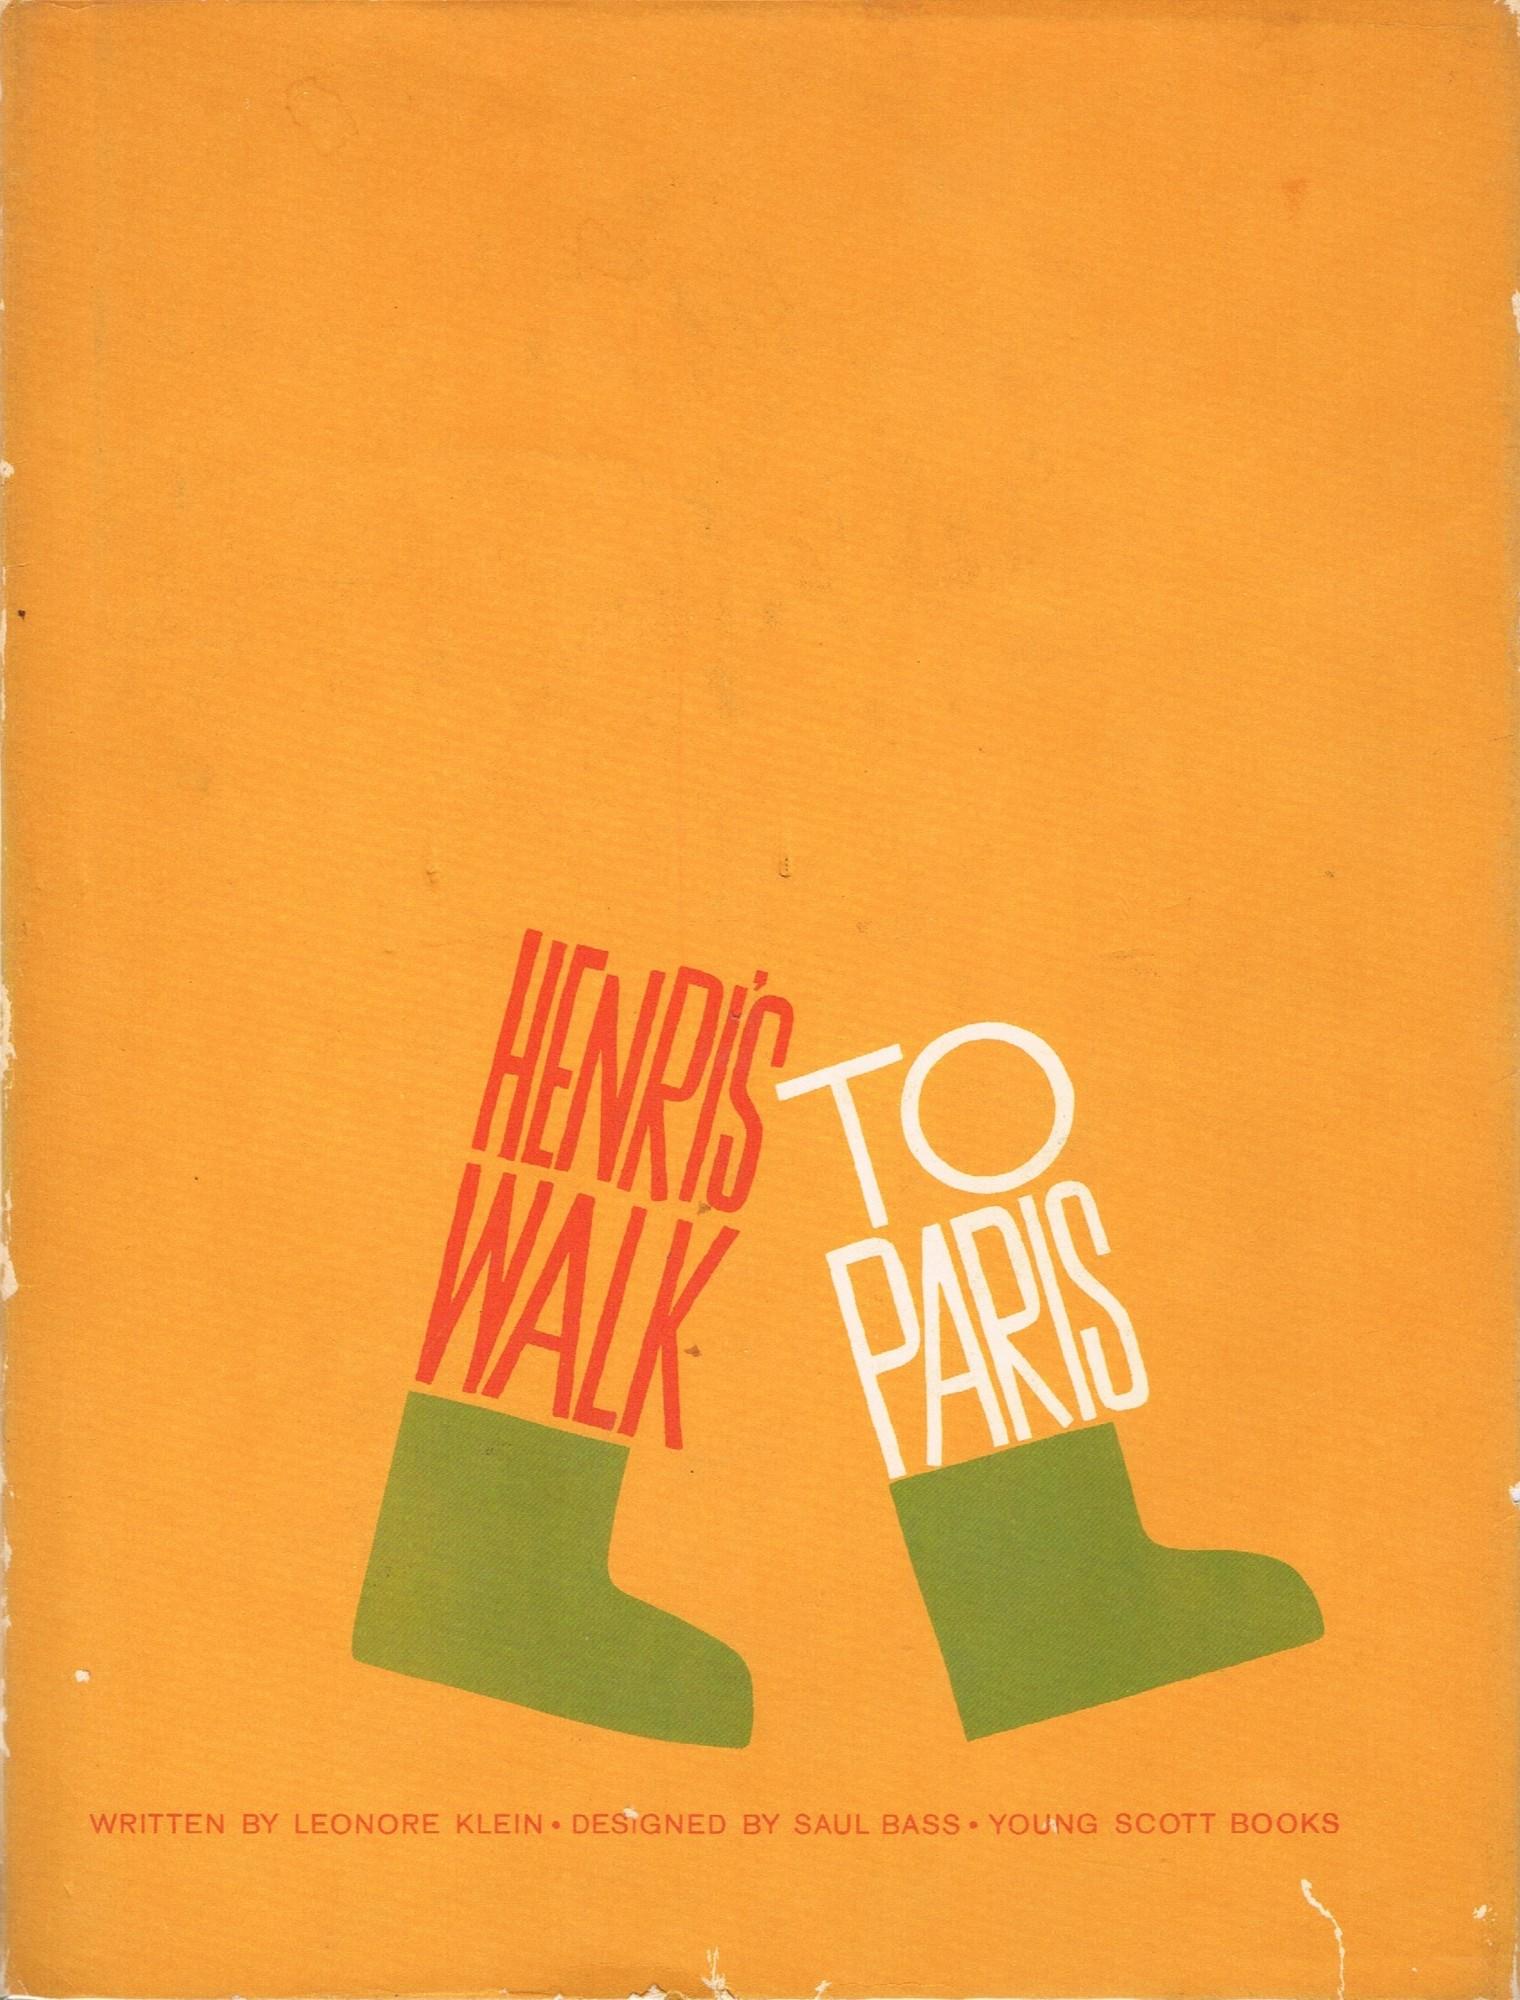 (BASS, SAUL). KLEIN, LEONORE & SAUL BASS - HENRI'S WALK TO PARIS BY LEONORE KLEIN / DESIGNED BY SAUL BASS